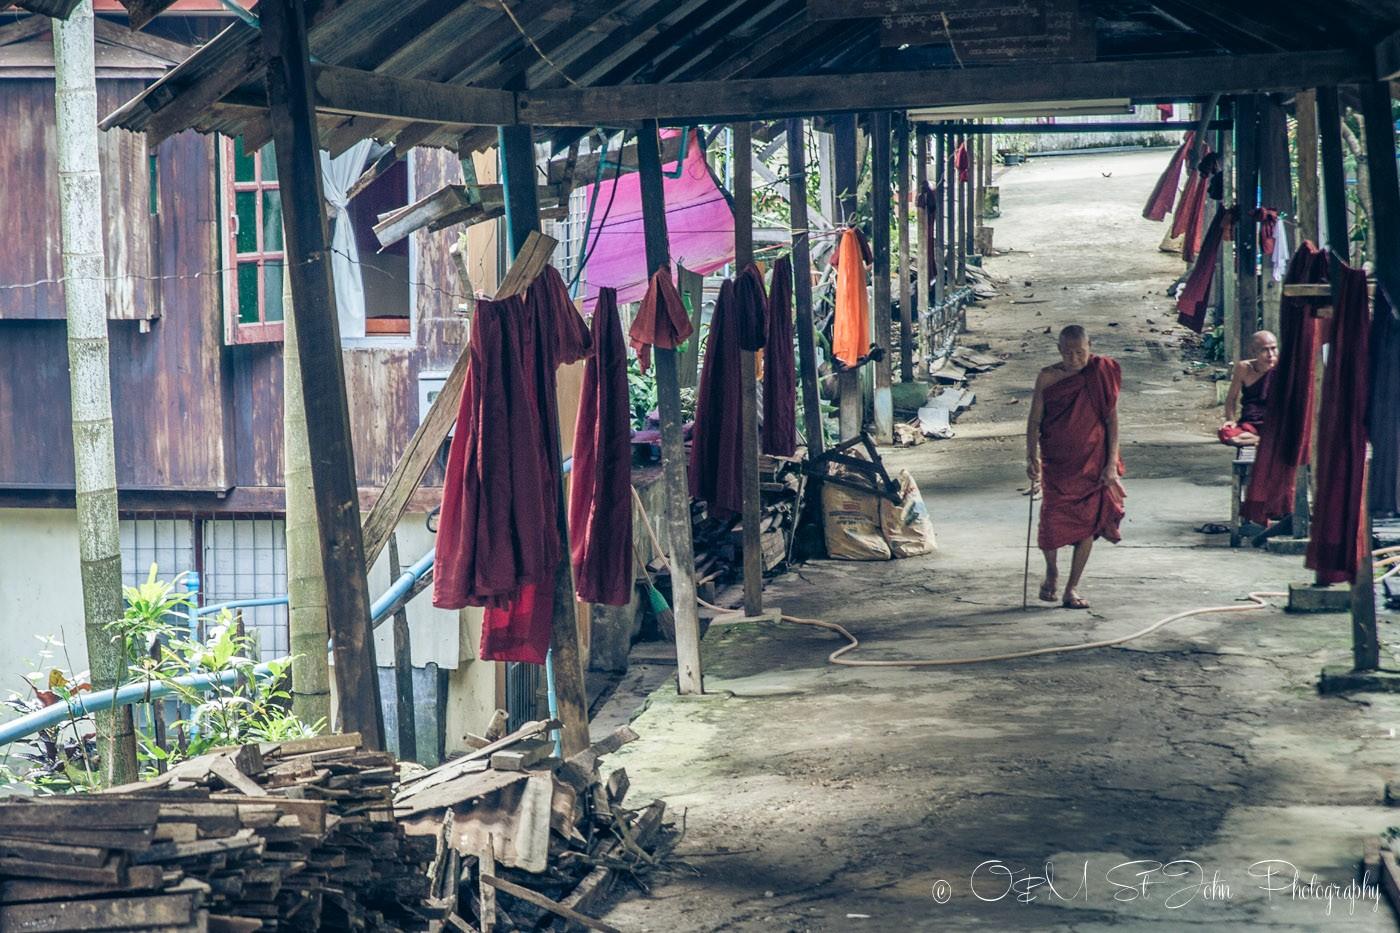 3 days in Yangon: Monastery in Yangon, Myanmar